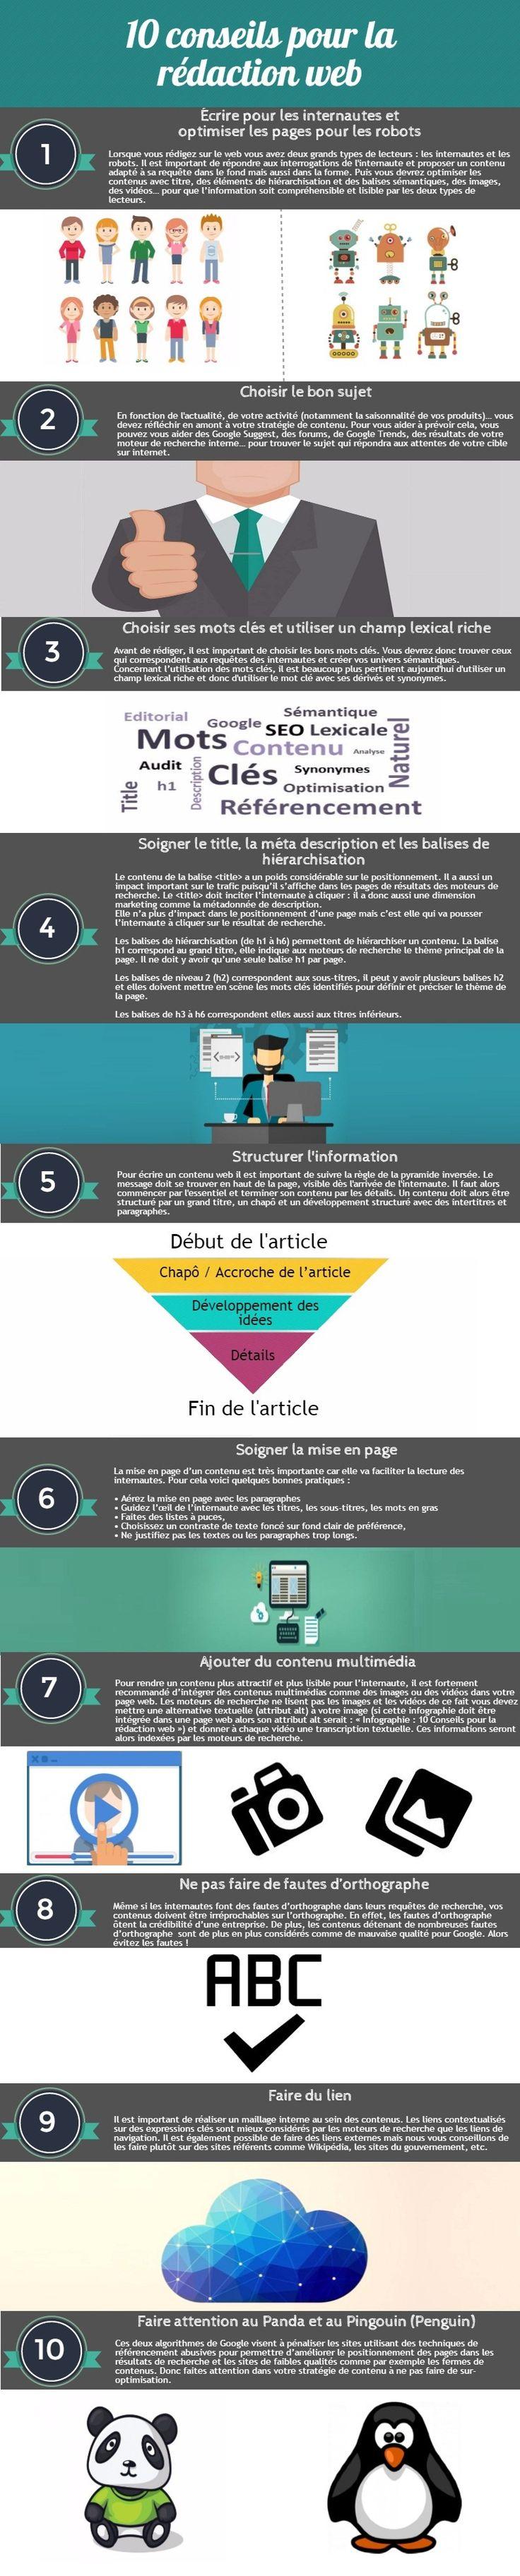 10 conseils pour la rédaction web #rédactionWeb #infografía